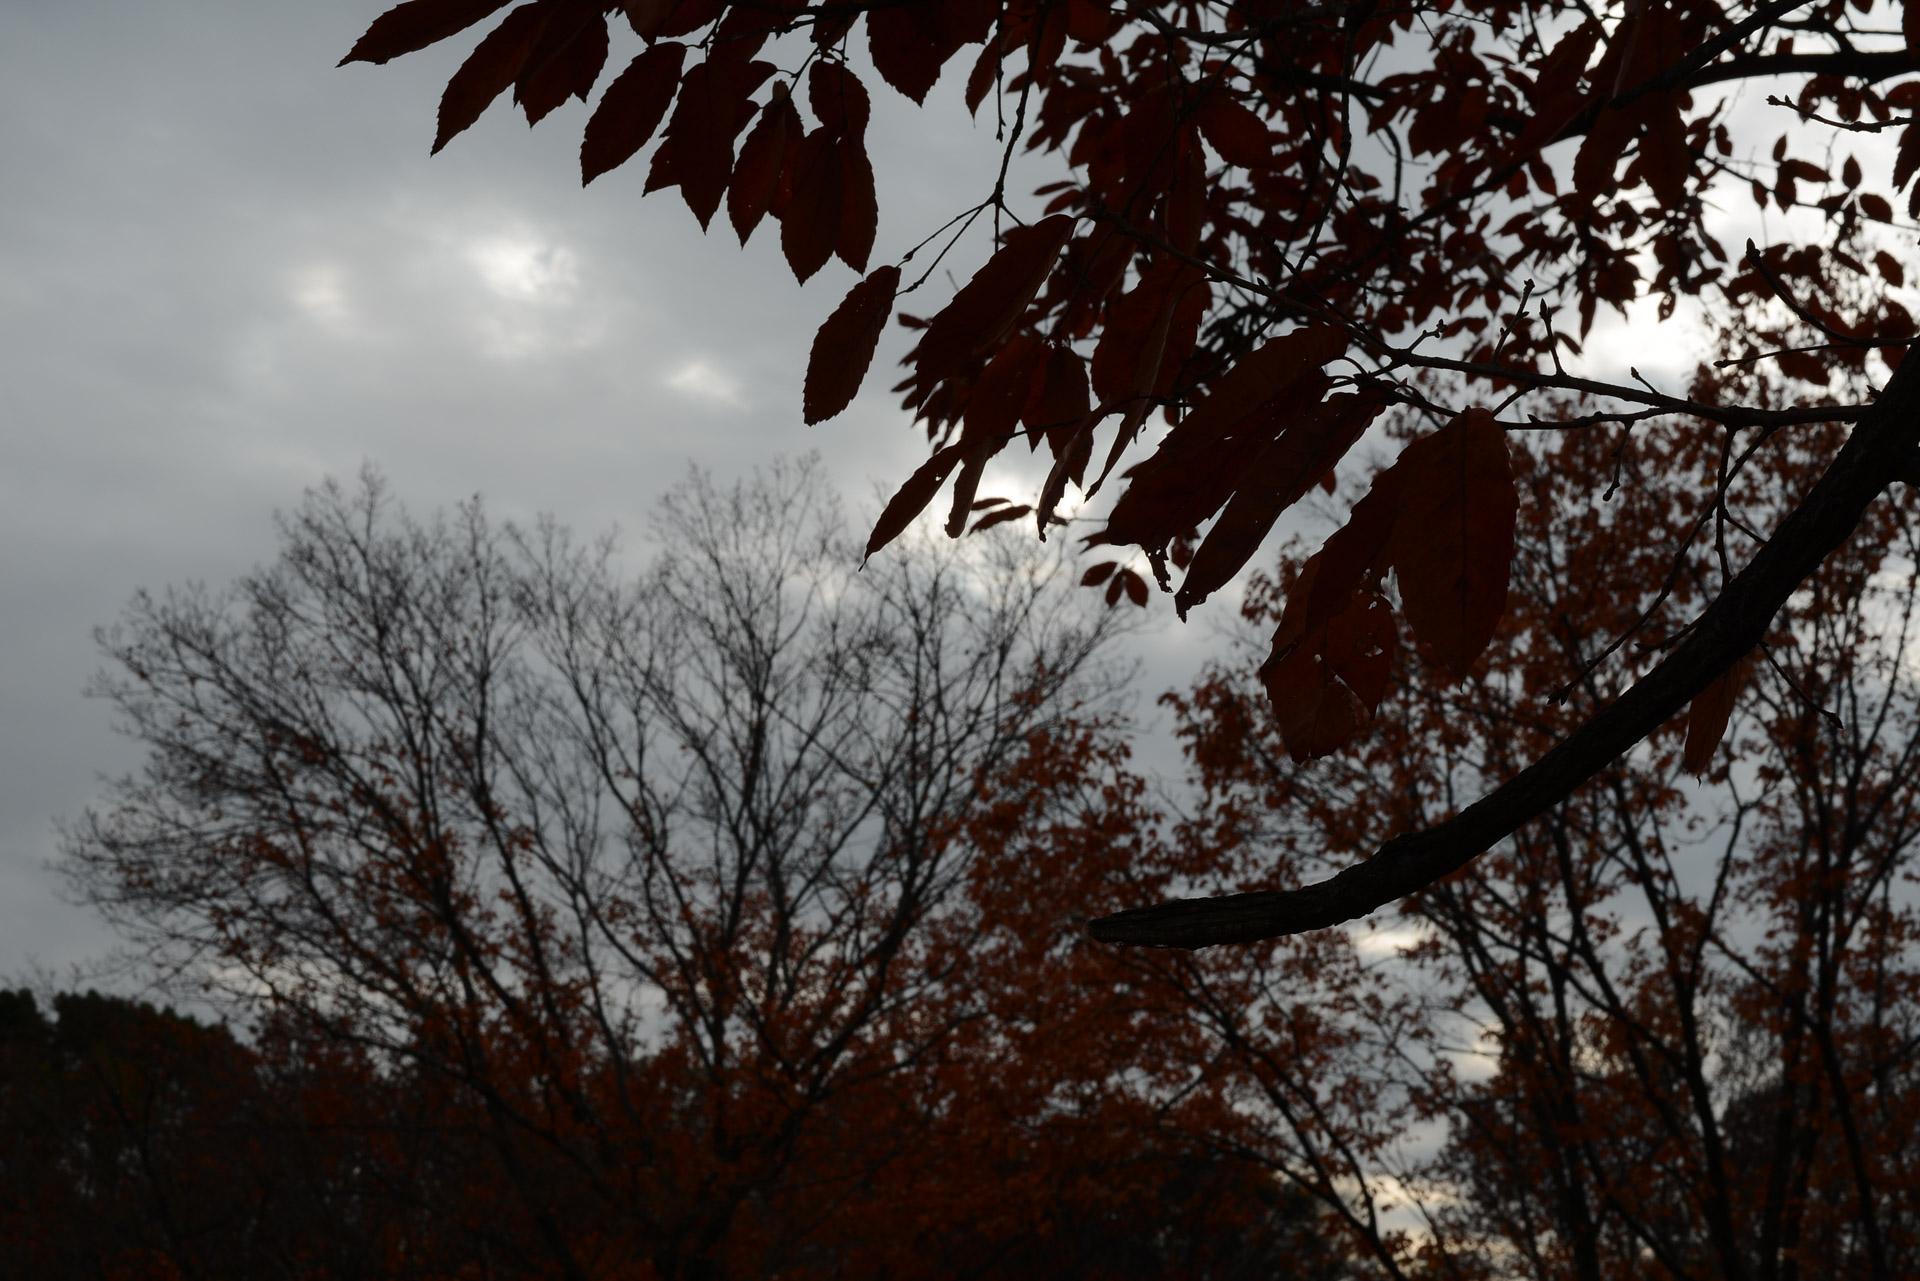 木枯らしと木漏れ日によるシルエット